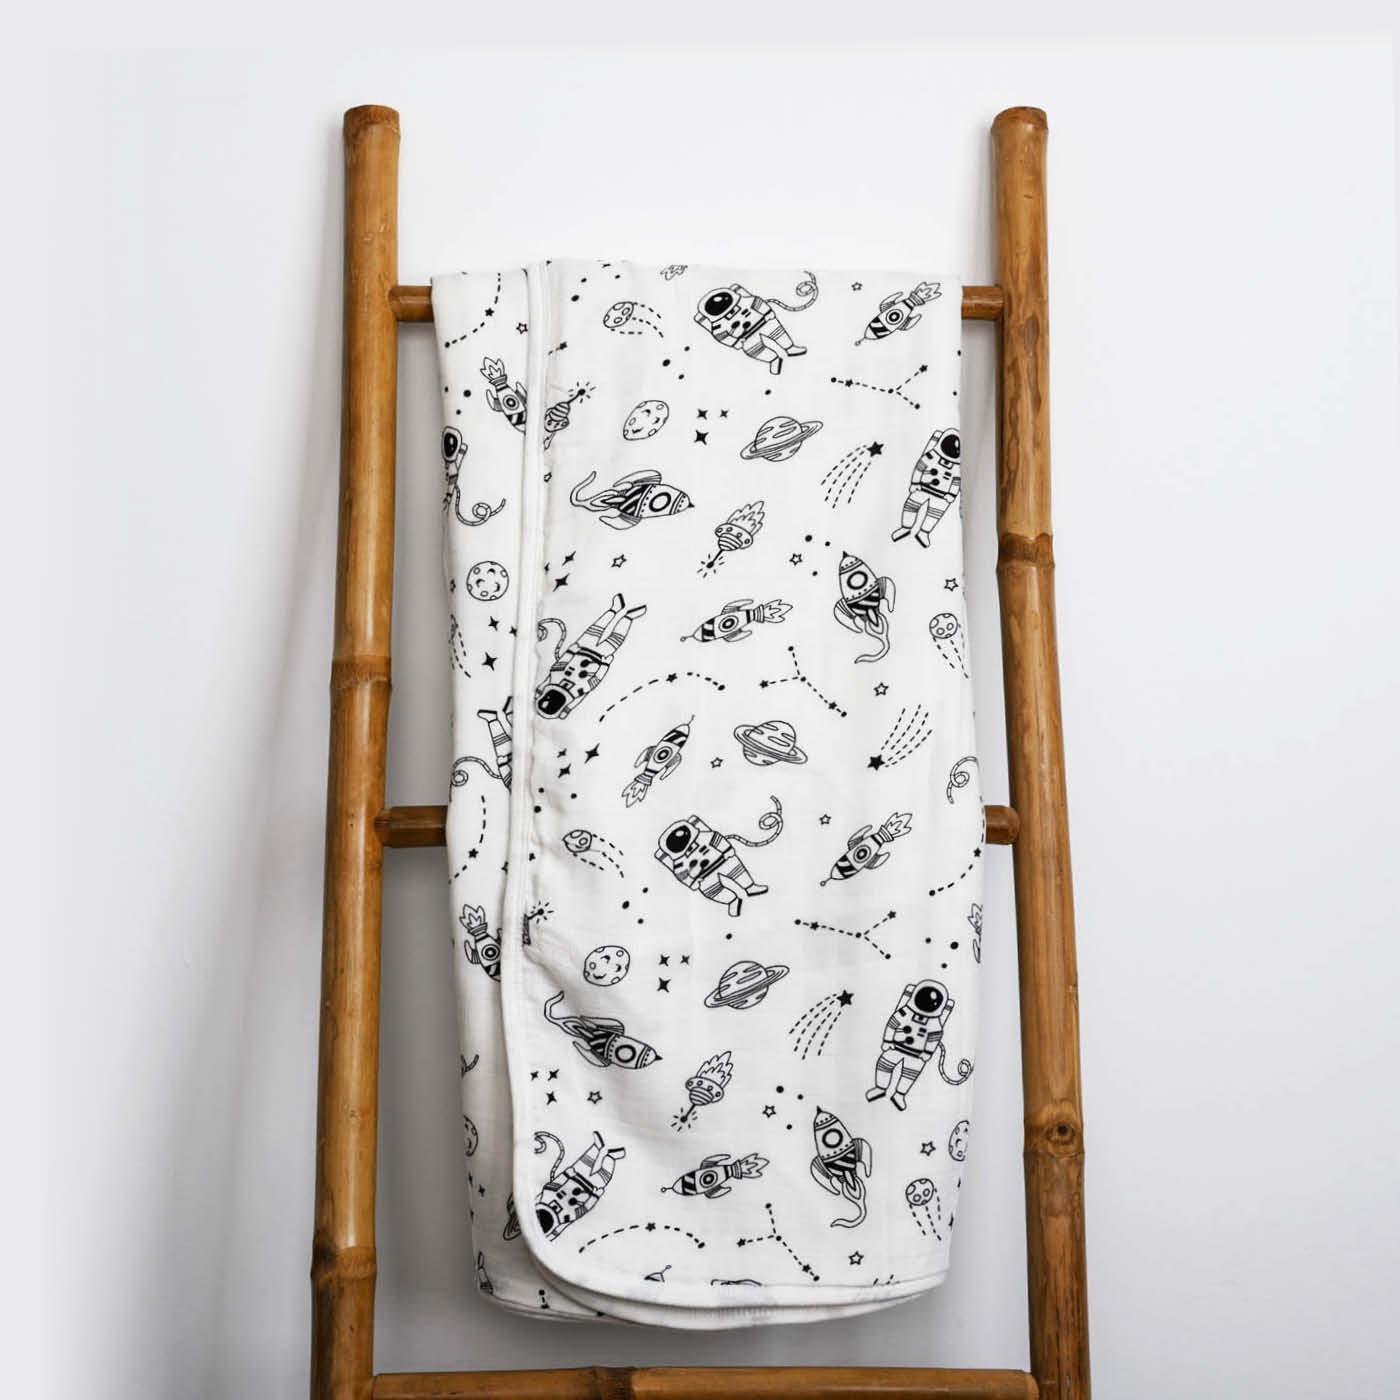 بطانية بامبو تترا - موديل فضاء